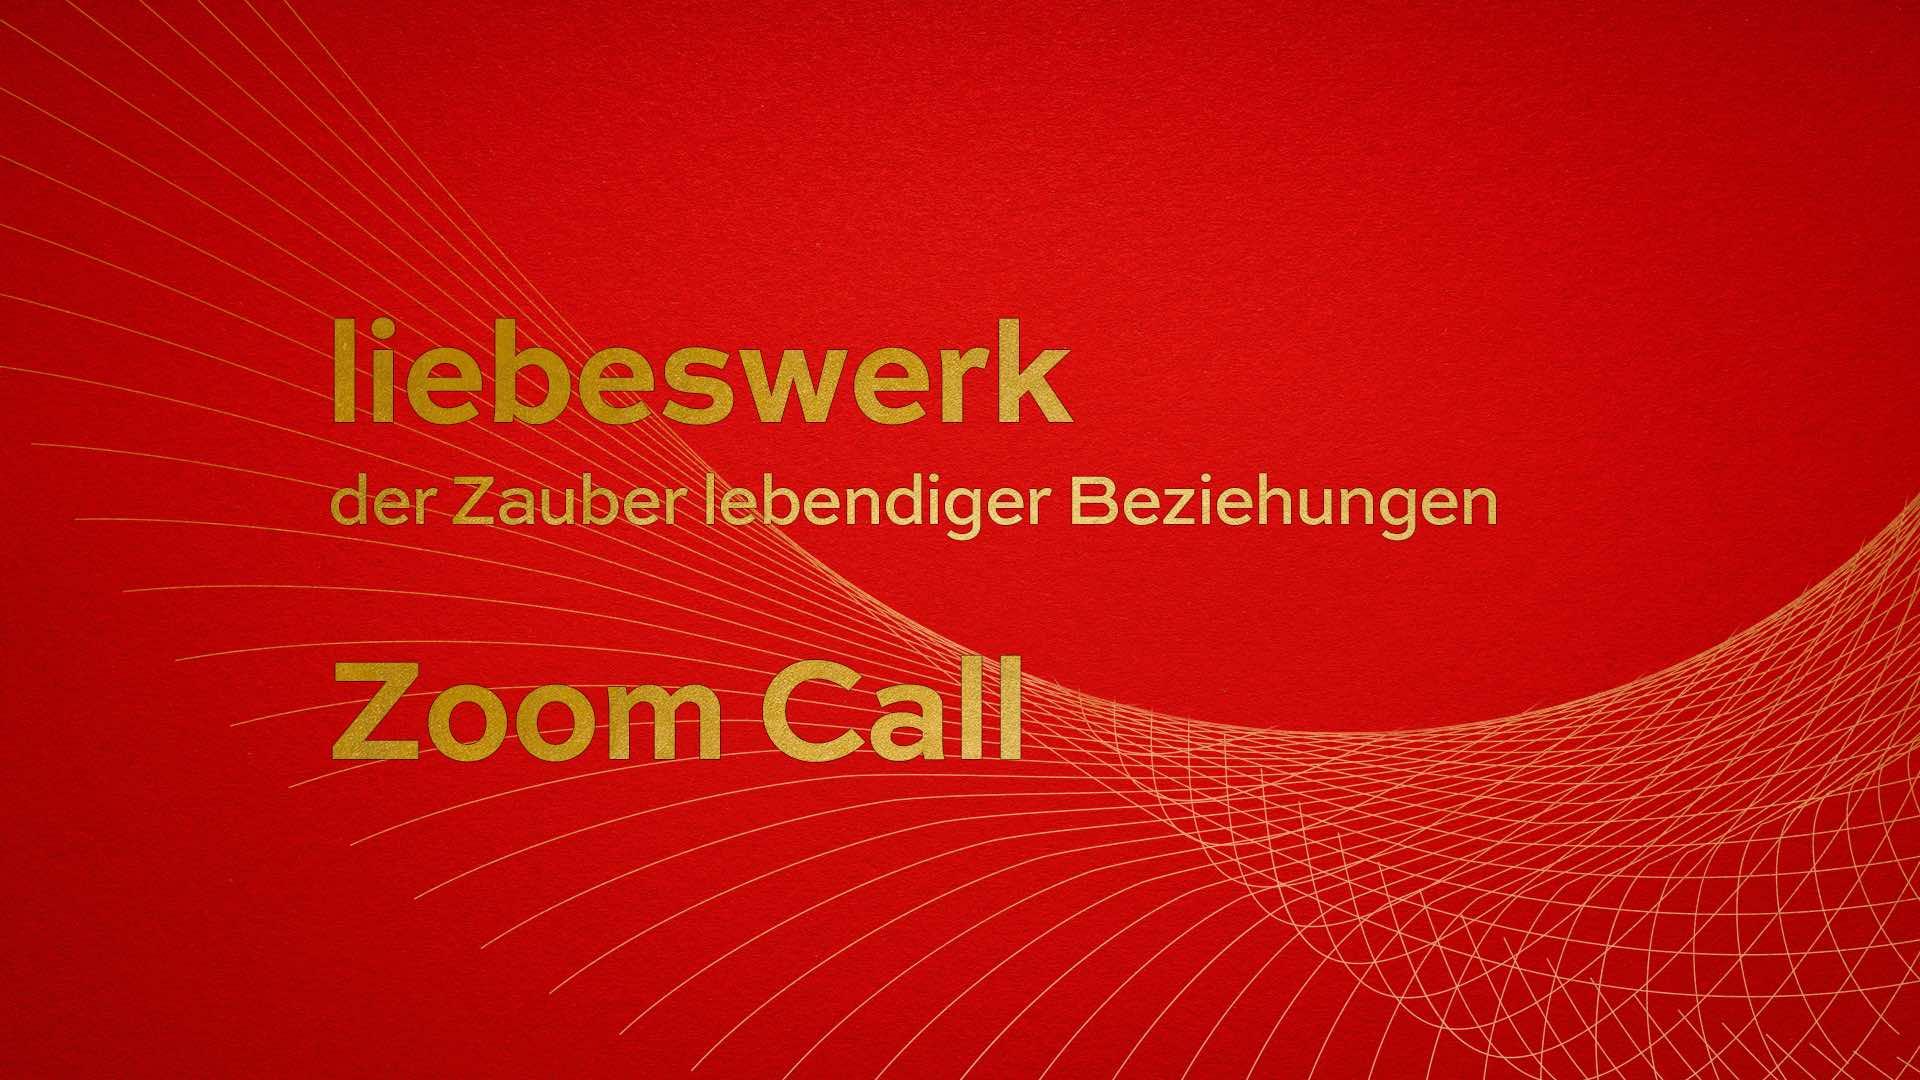 liebeswerk Zoom Call